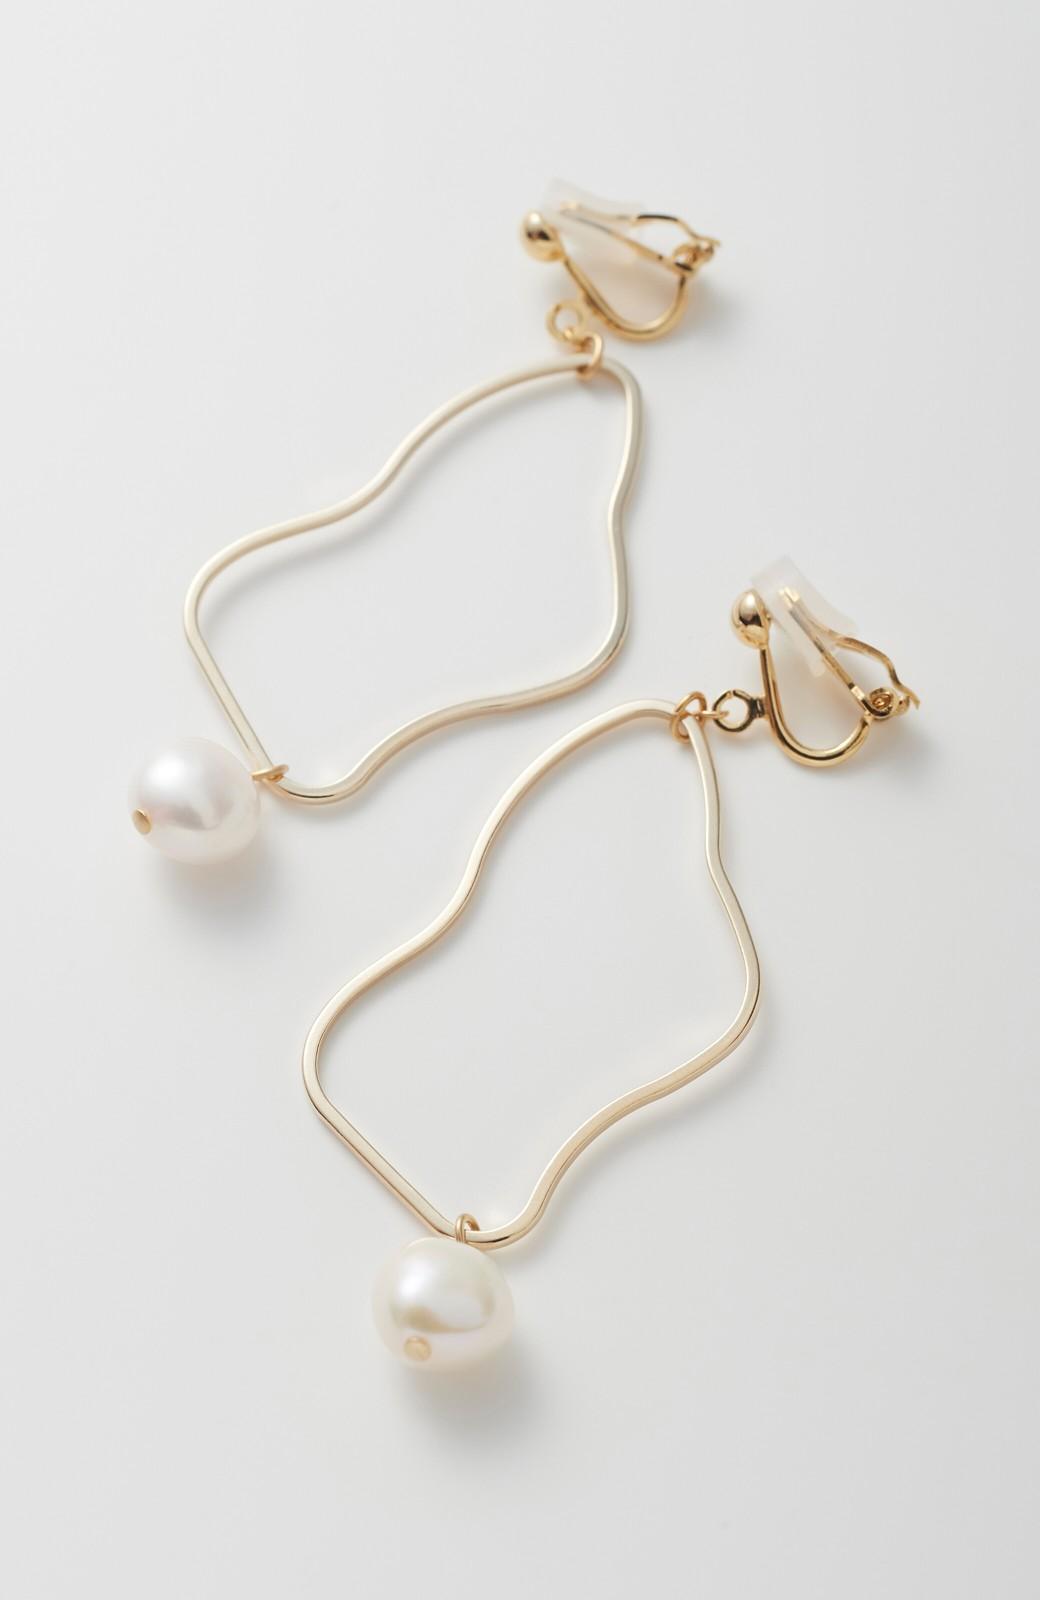 haco! デイリーに使えて便利!ゆるやかな曲線が女っぽいゴールドパーツと淡水パールのイヤアクセ <ゴールド>の商品写真2